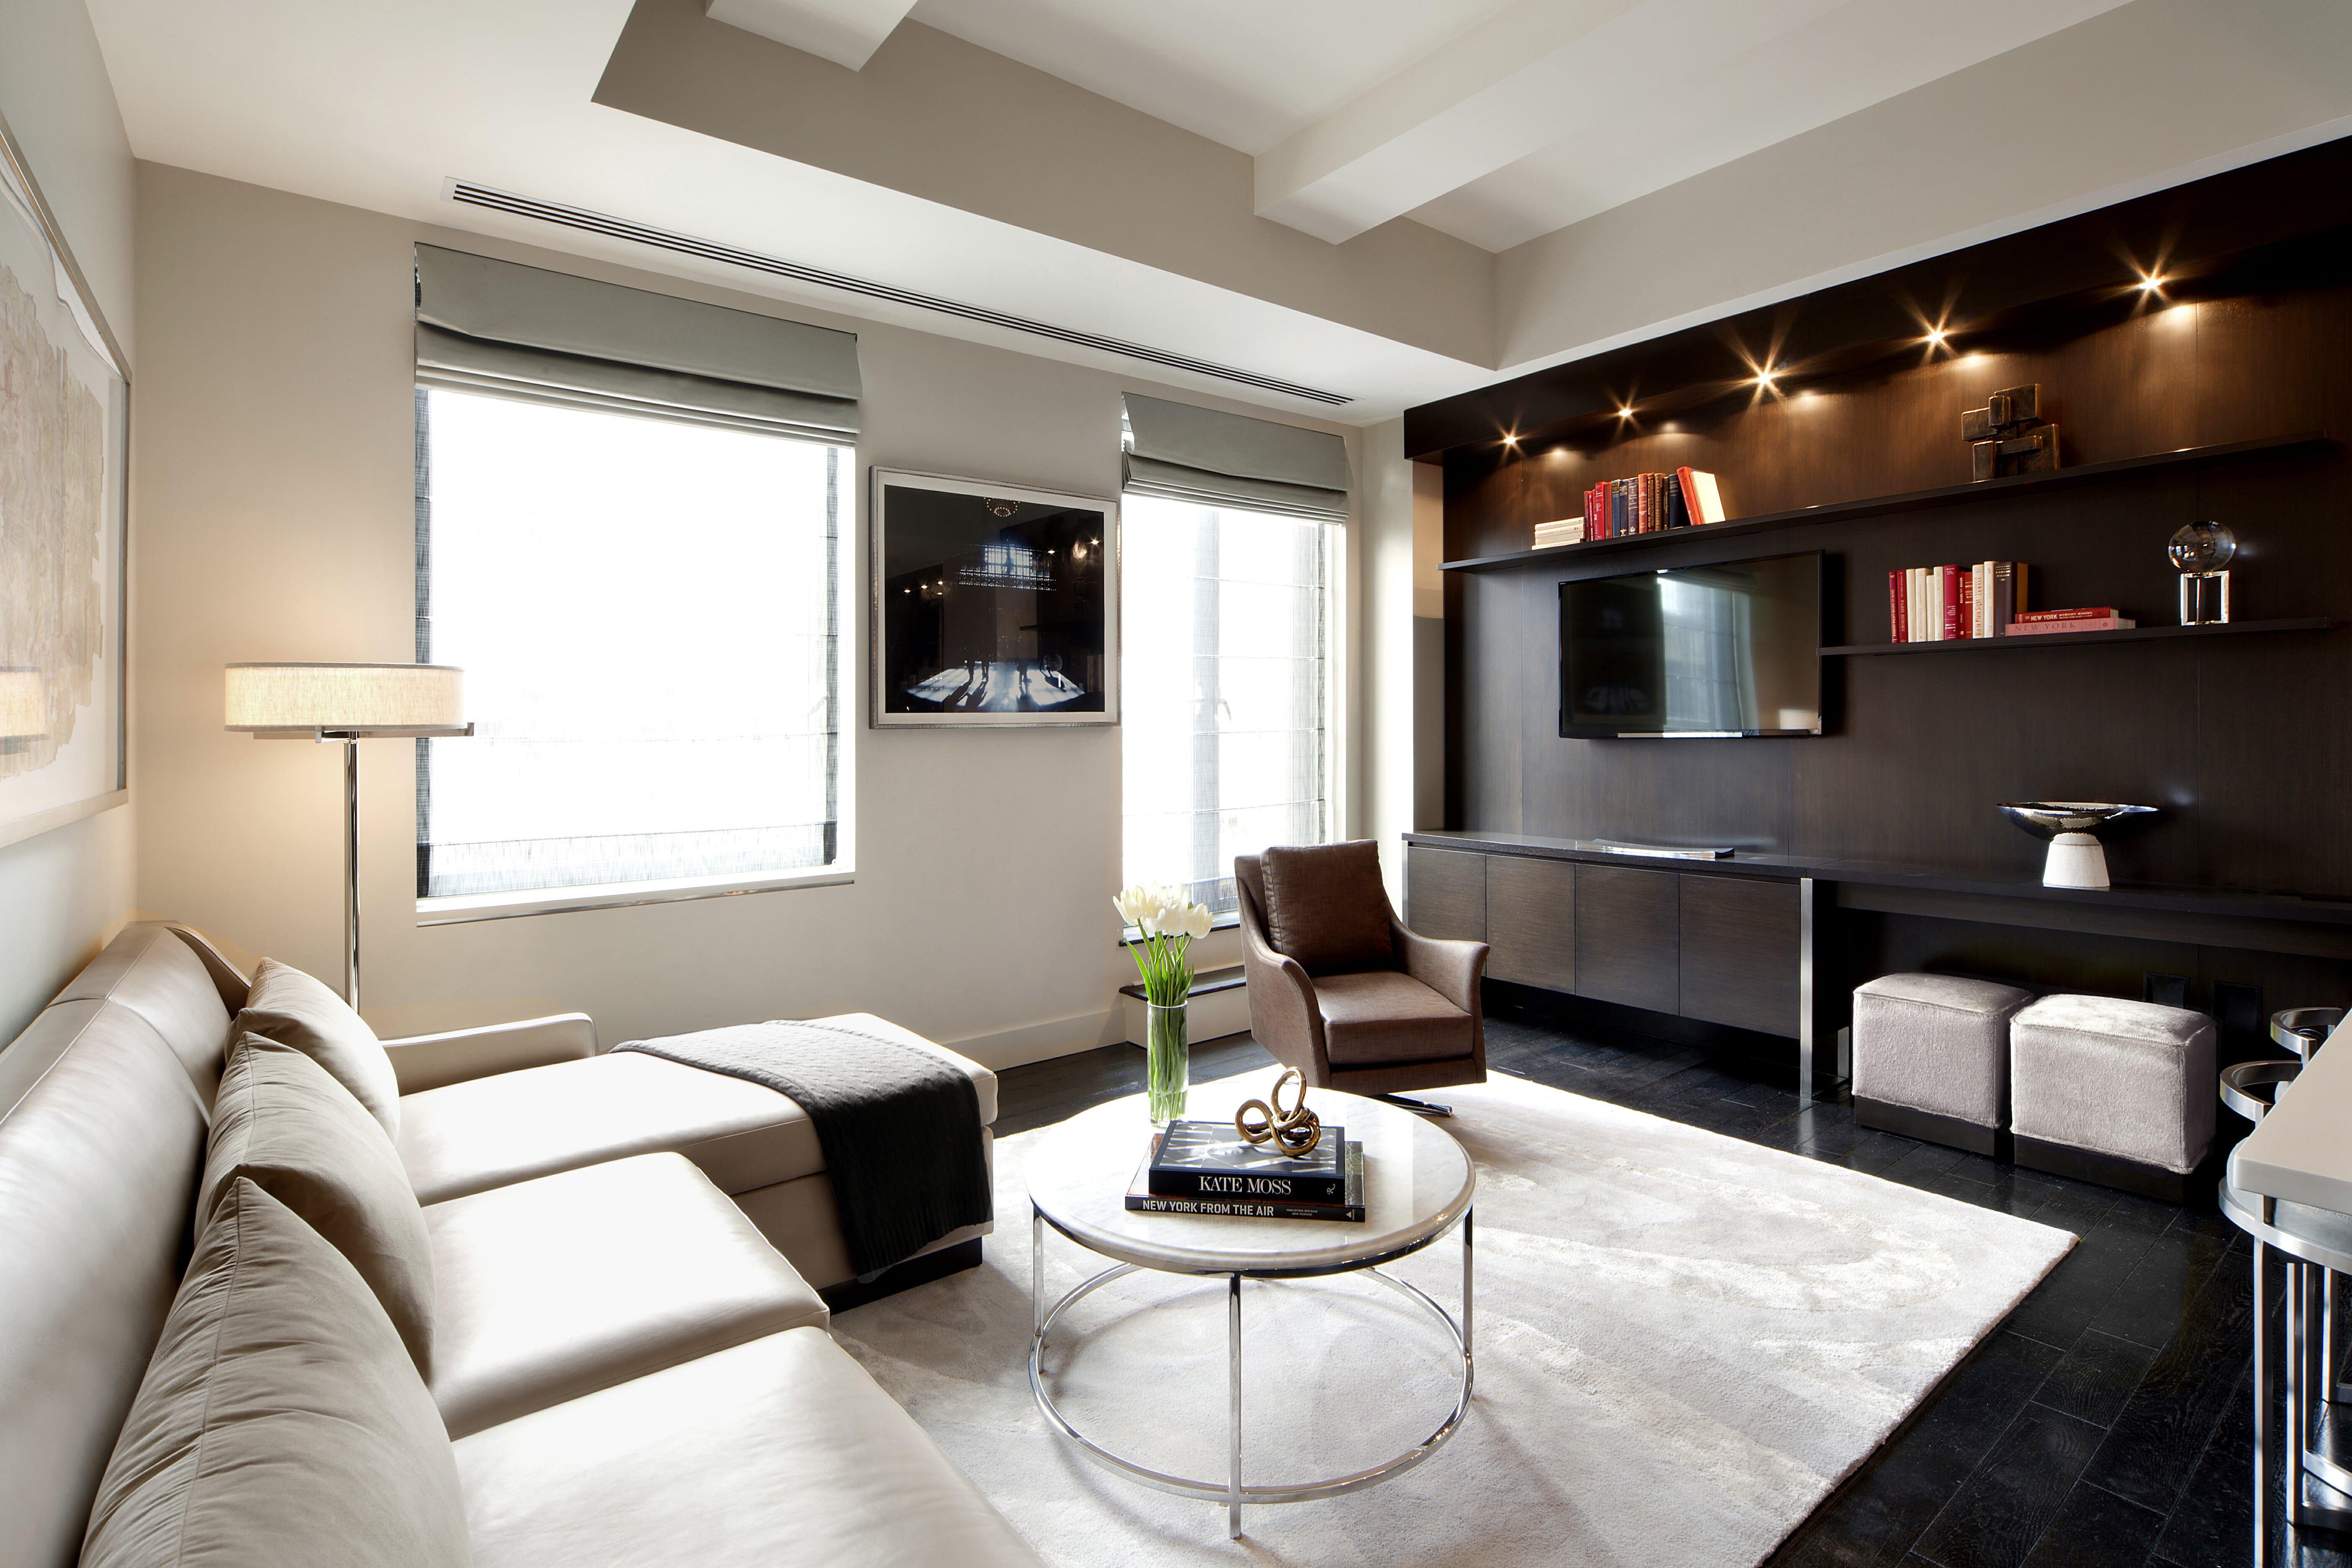 Modern Living Room Best Of Modern Interior Design 10 Best Tips for Creating